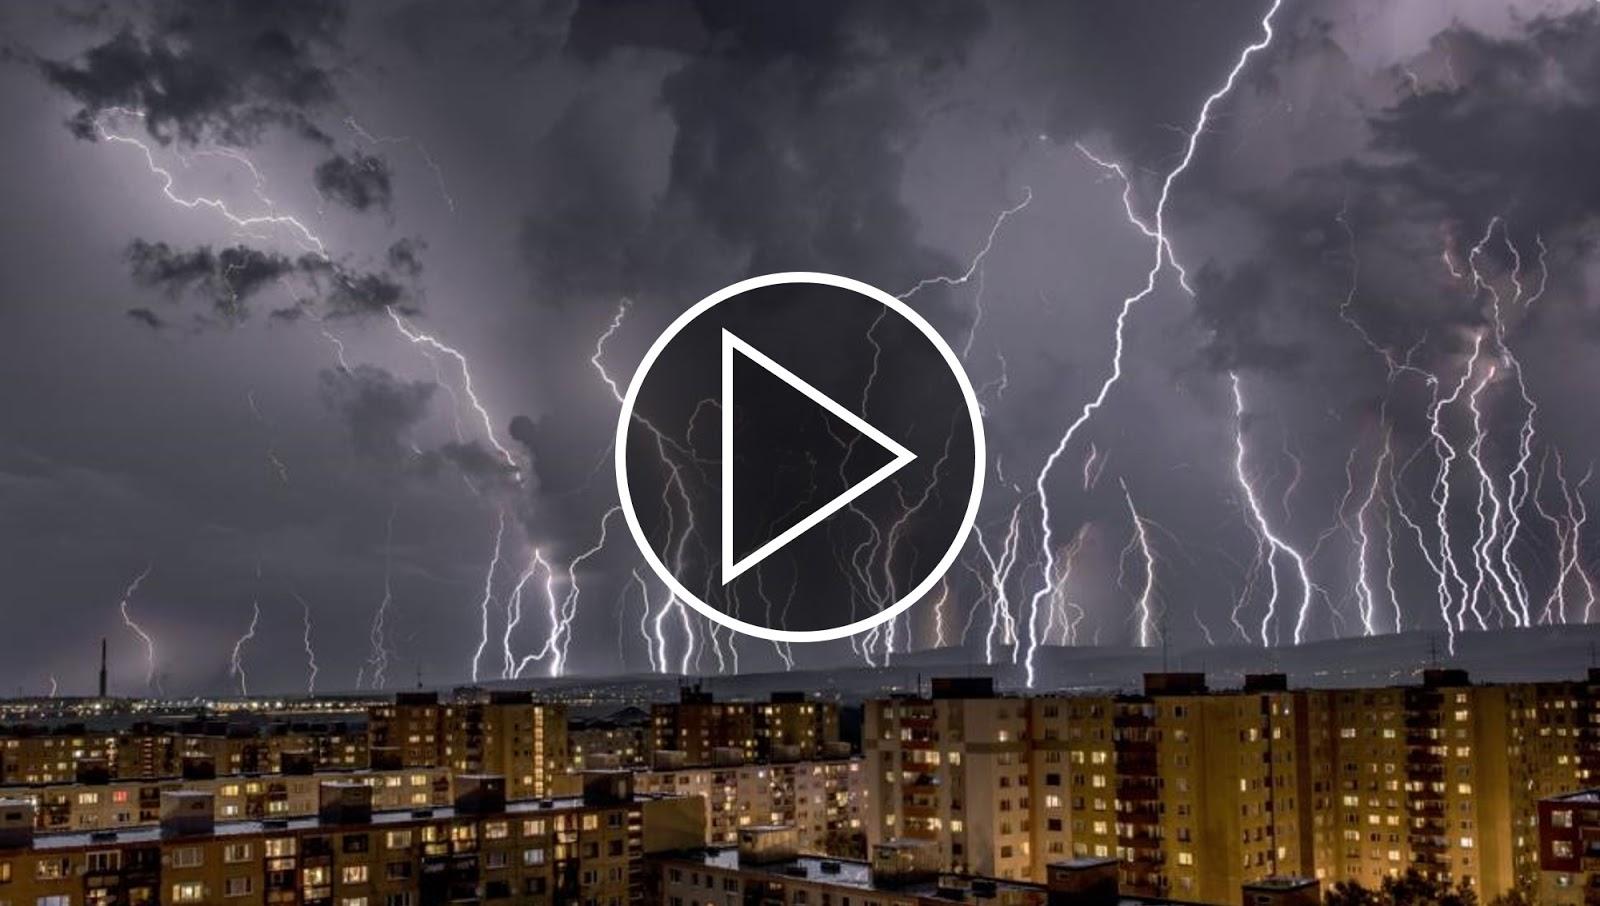 Video timelapse tuyệt vời về sấm sét trong cơn giông bão. Tác giả : Tomas Hulik.